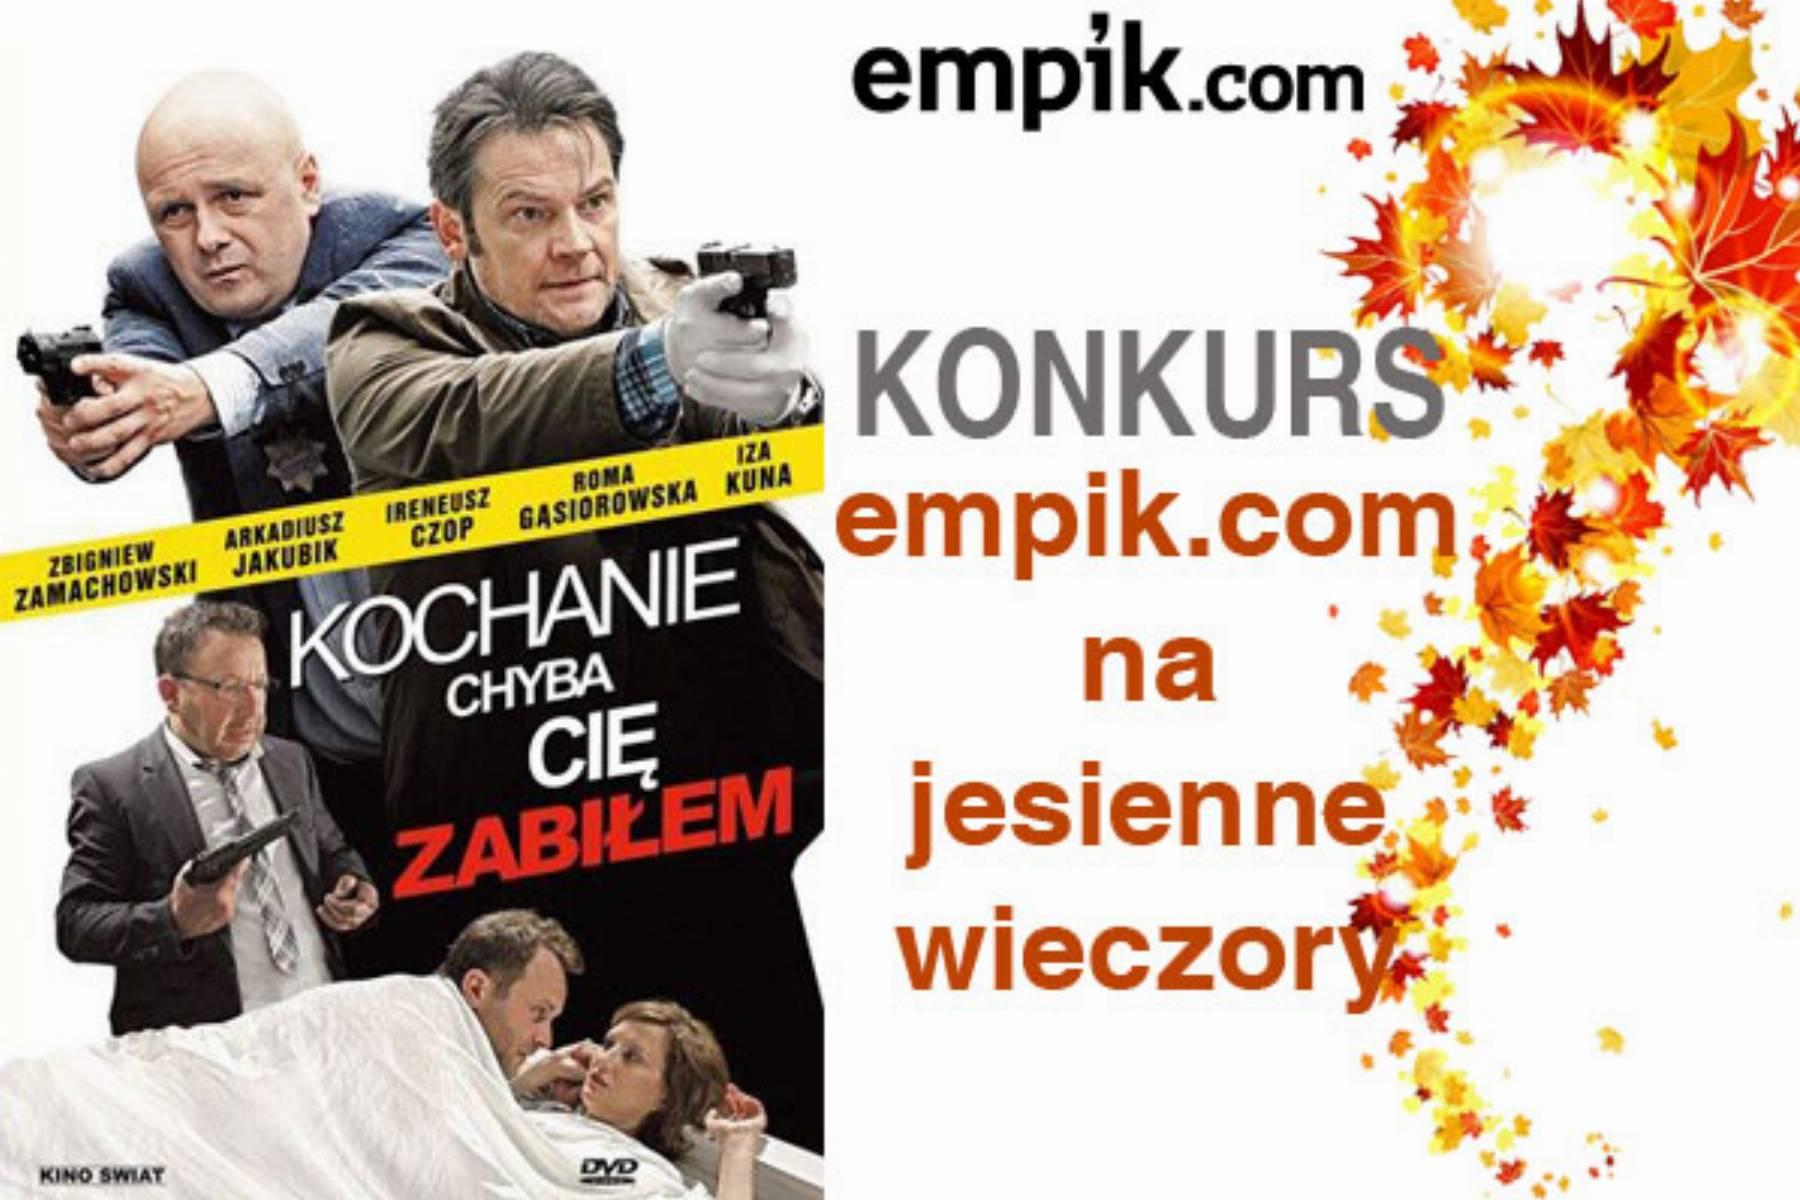 EMPIK.COM-KONKURS-1-edycja